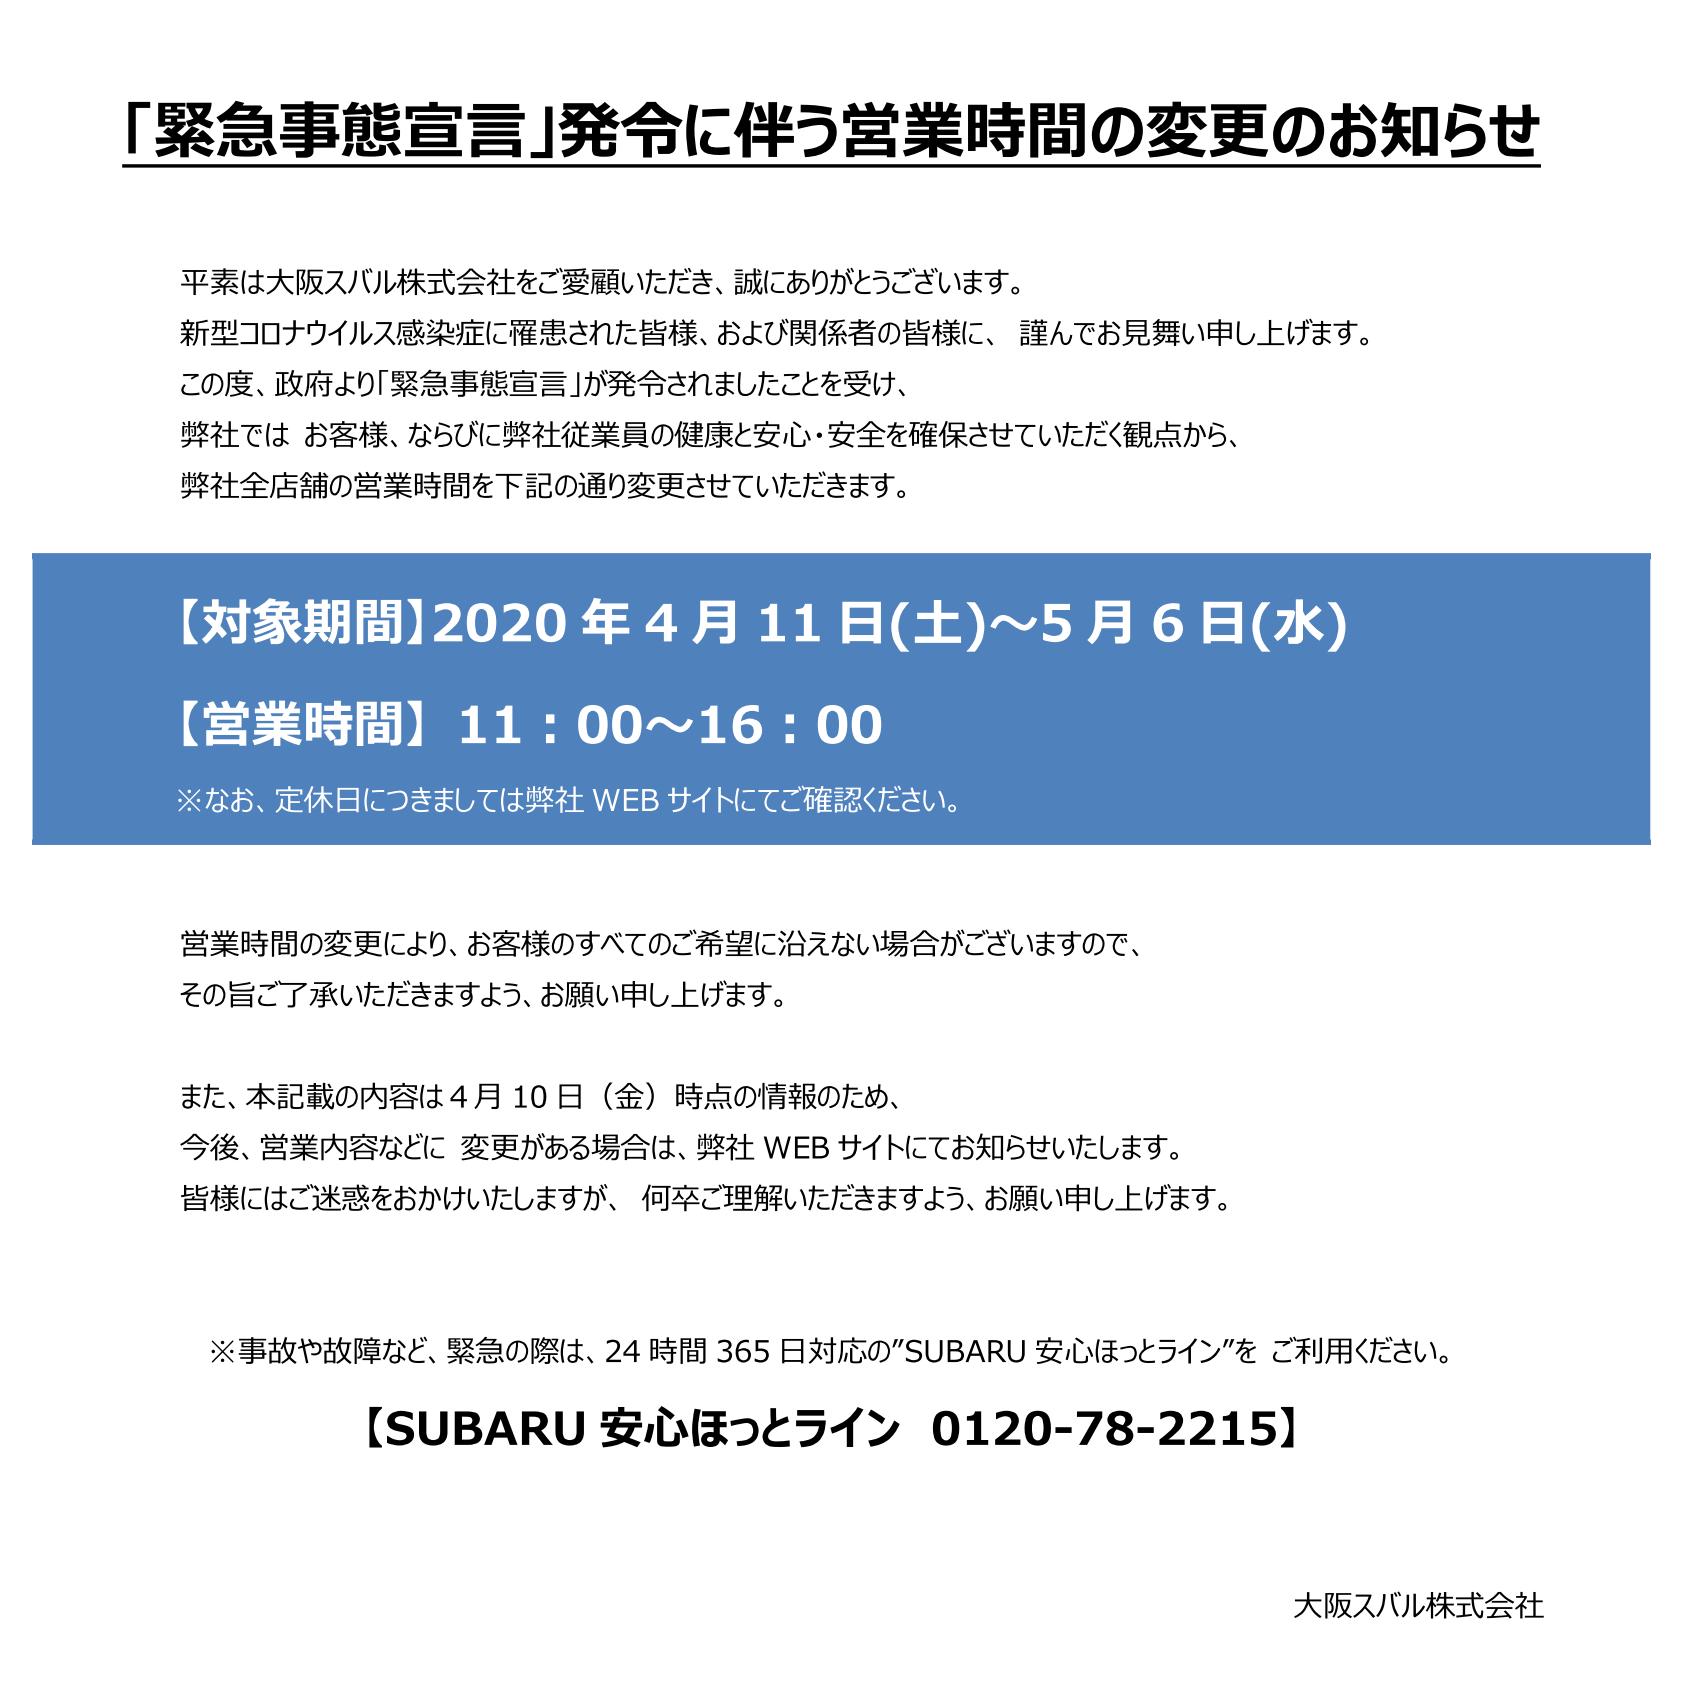 大阪 緊急 事態 宣言 内容